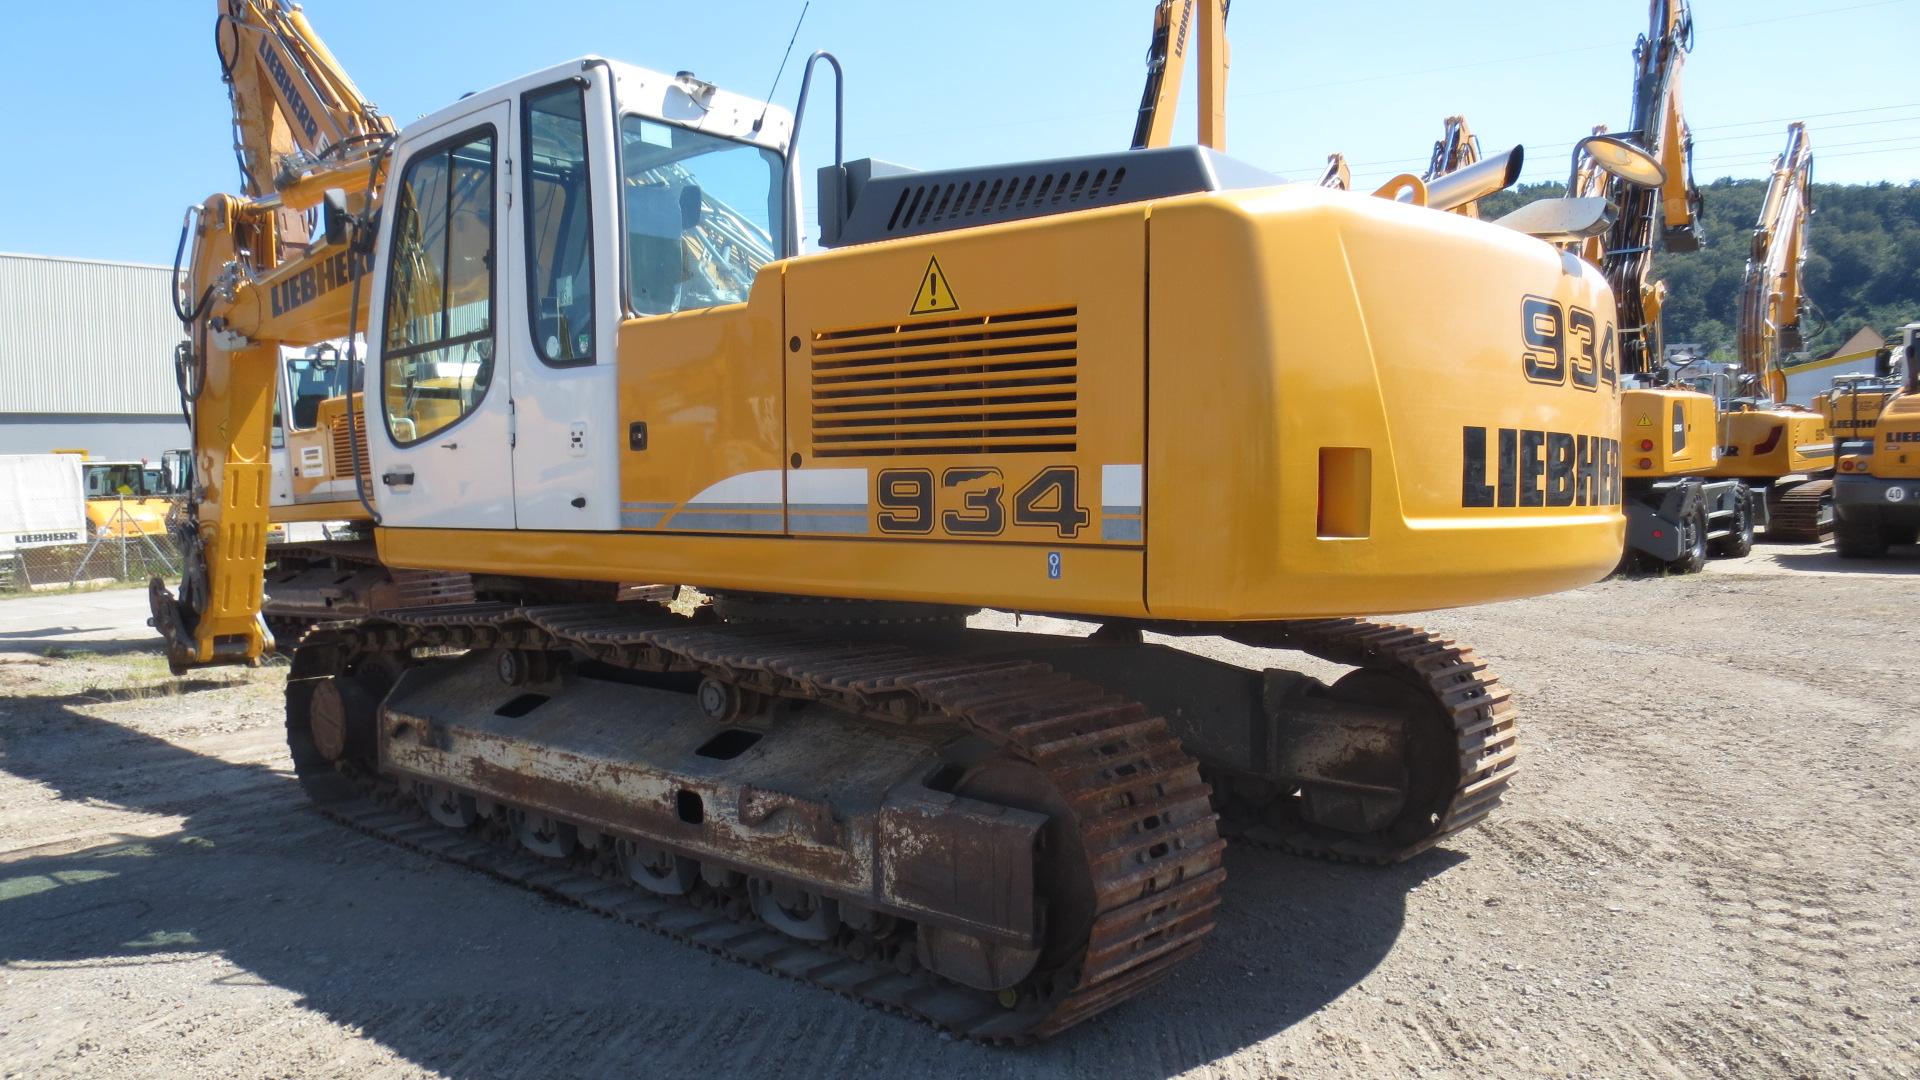 R 934C NLC LI-1335-34359_002.JPG